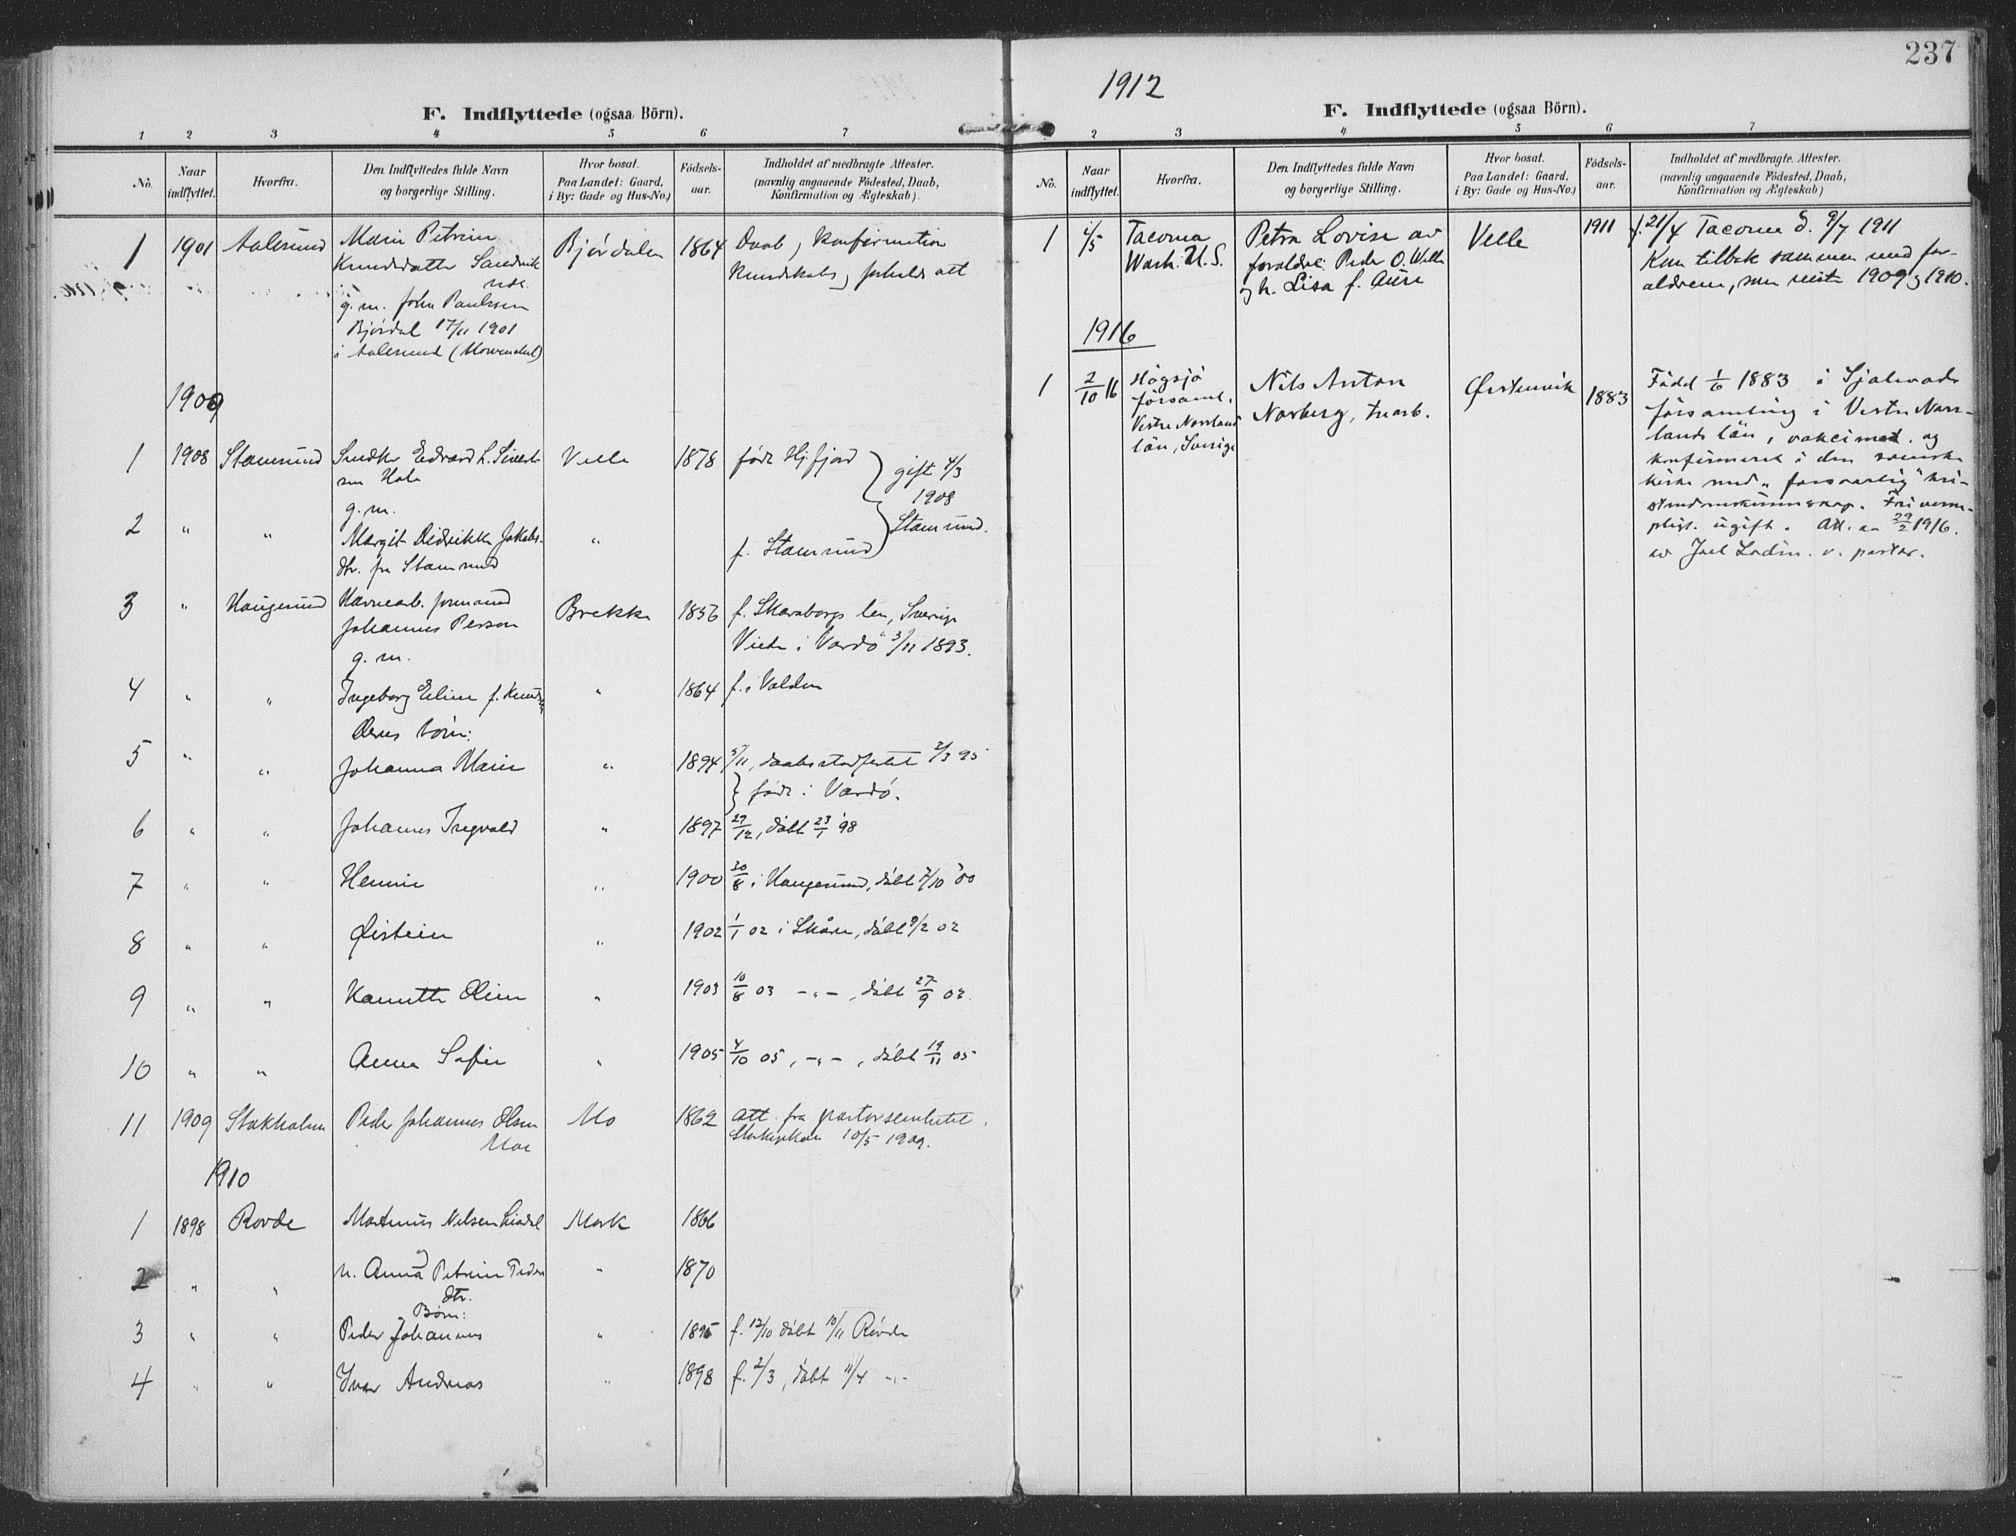 SAT, Ministerialprotokoller, klokkerbøker og fødselsregistre - Møre og Romsdal, 513/L0178: Ministerialbok nr. 513A05, 1906-1919, s. 237